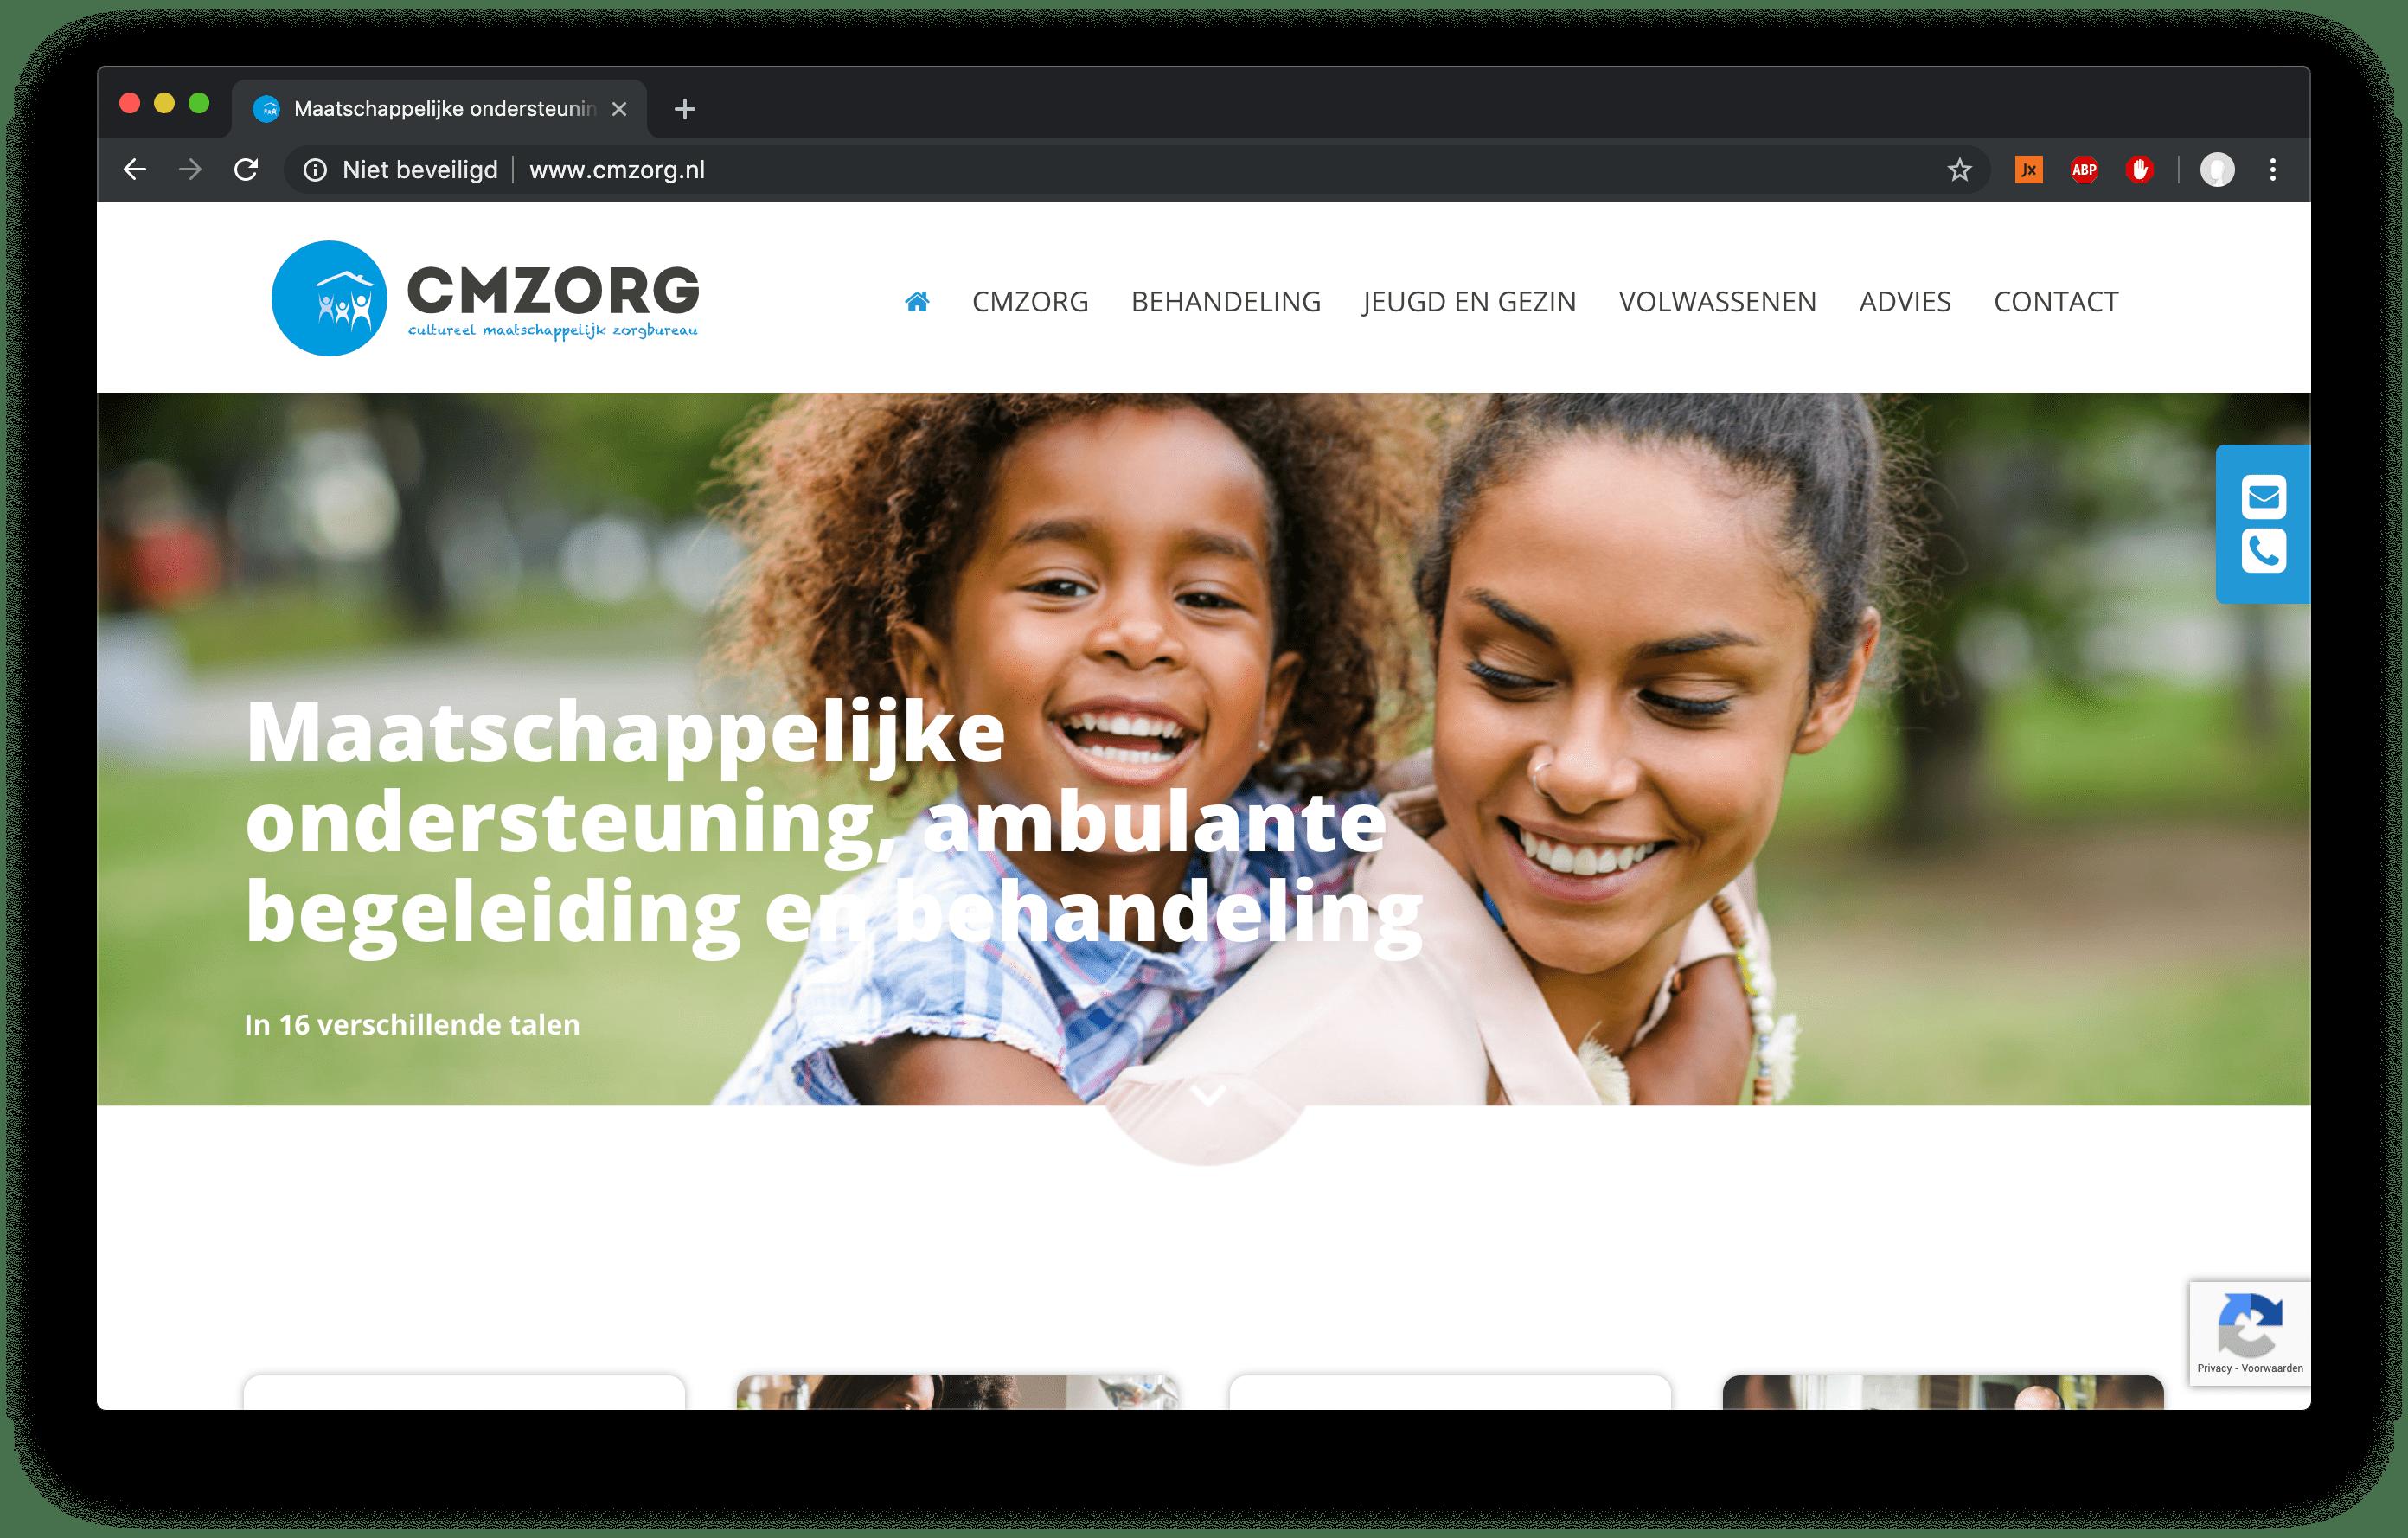 CMZorg